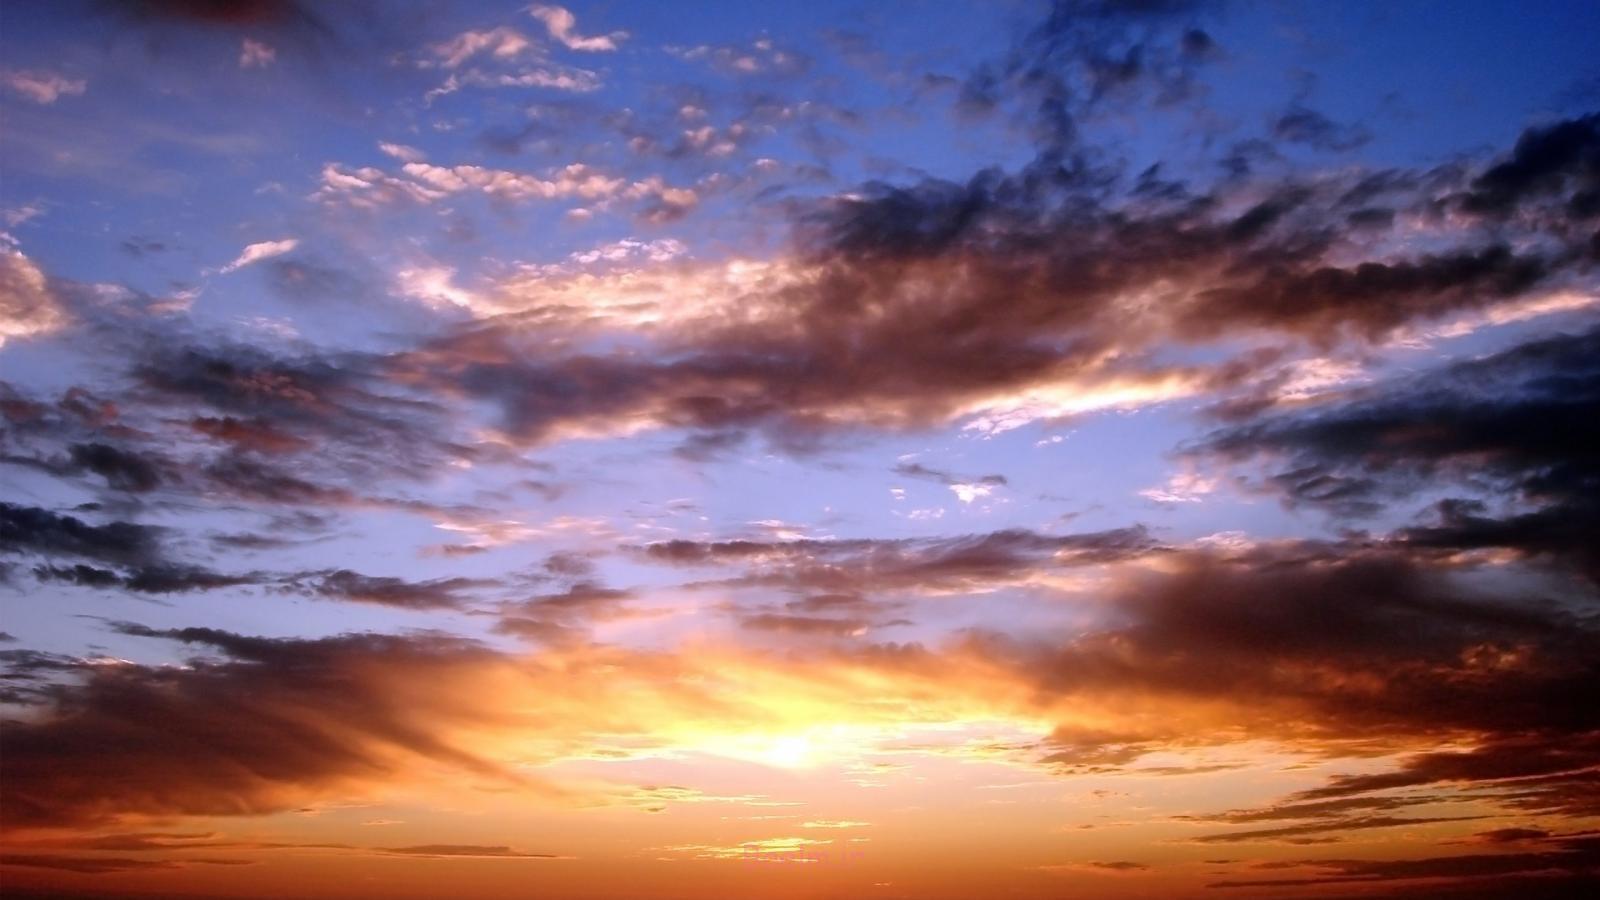 تعبیر خواب آسمان ابری, تعبیر خواب آسمان پر ستاره, تعبیر خواب